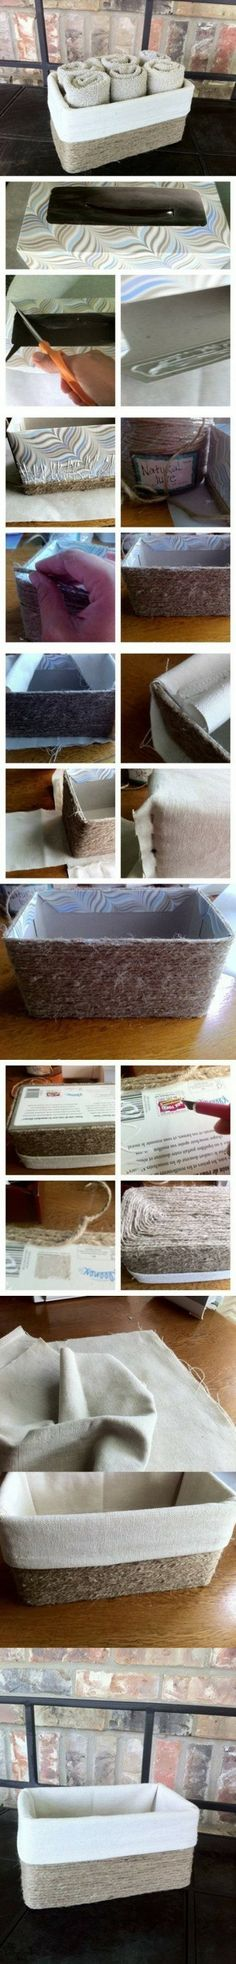 Cesta con caja de cartón y cuerda de cáñamo